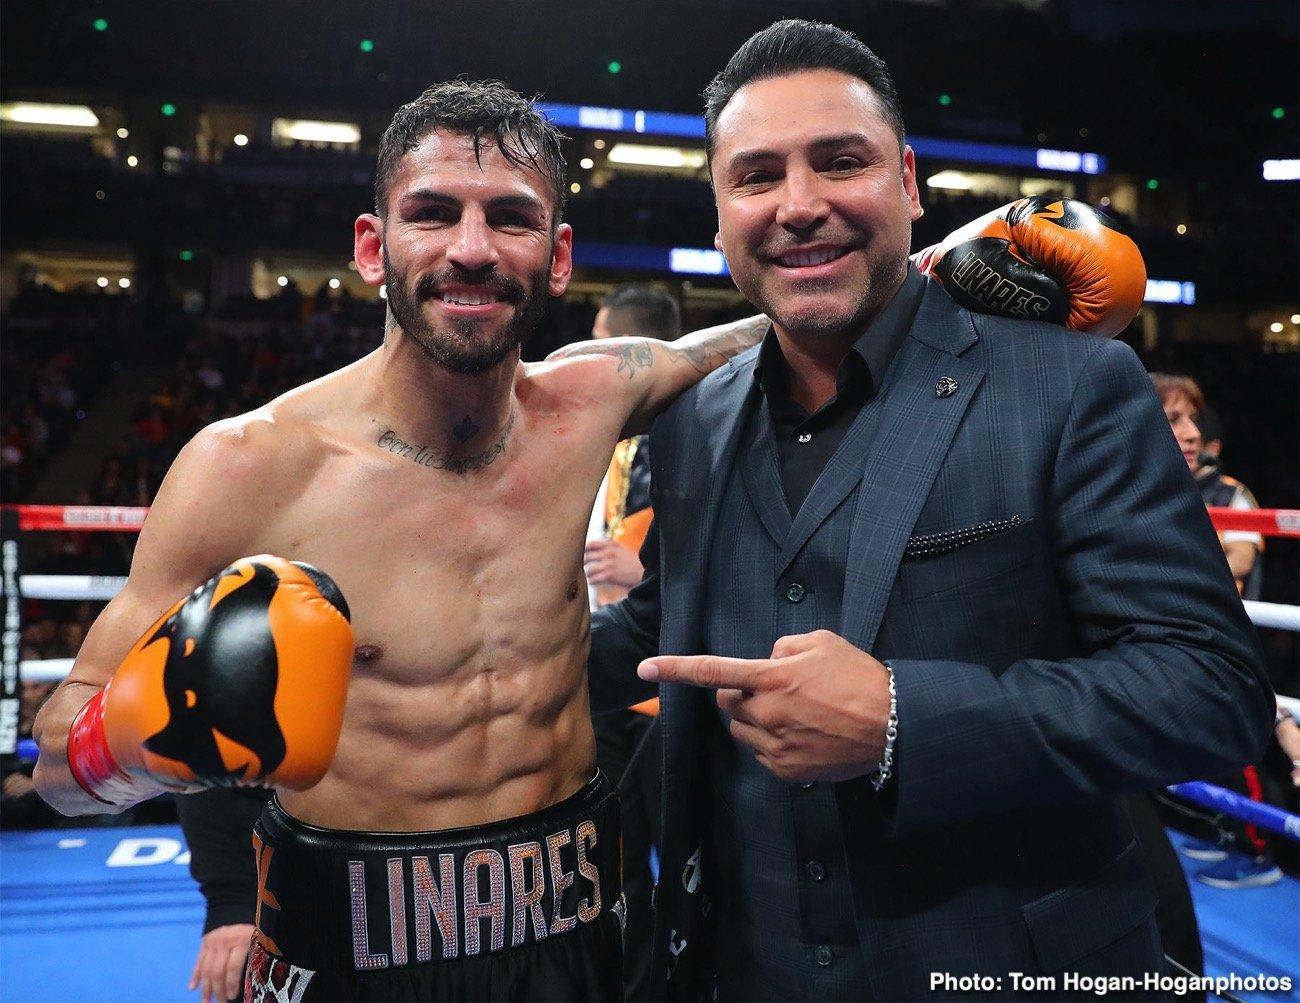 boxing-LinaresMorales_Hoganphotos.jpg